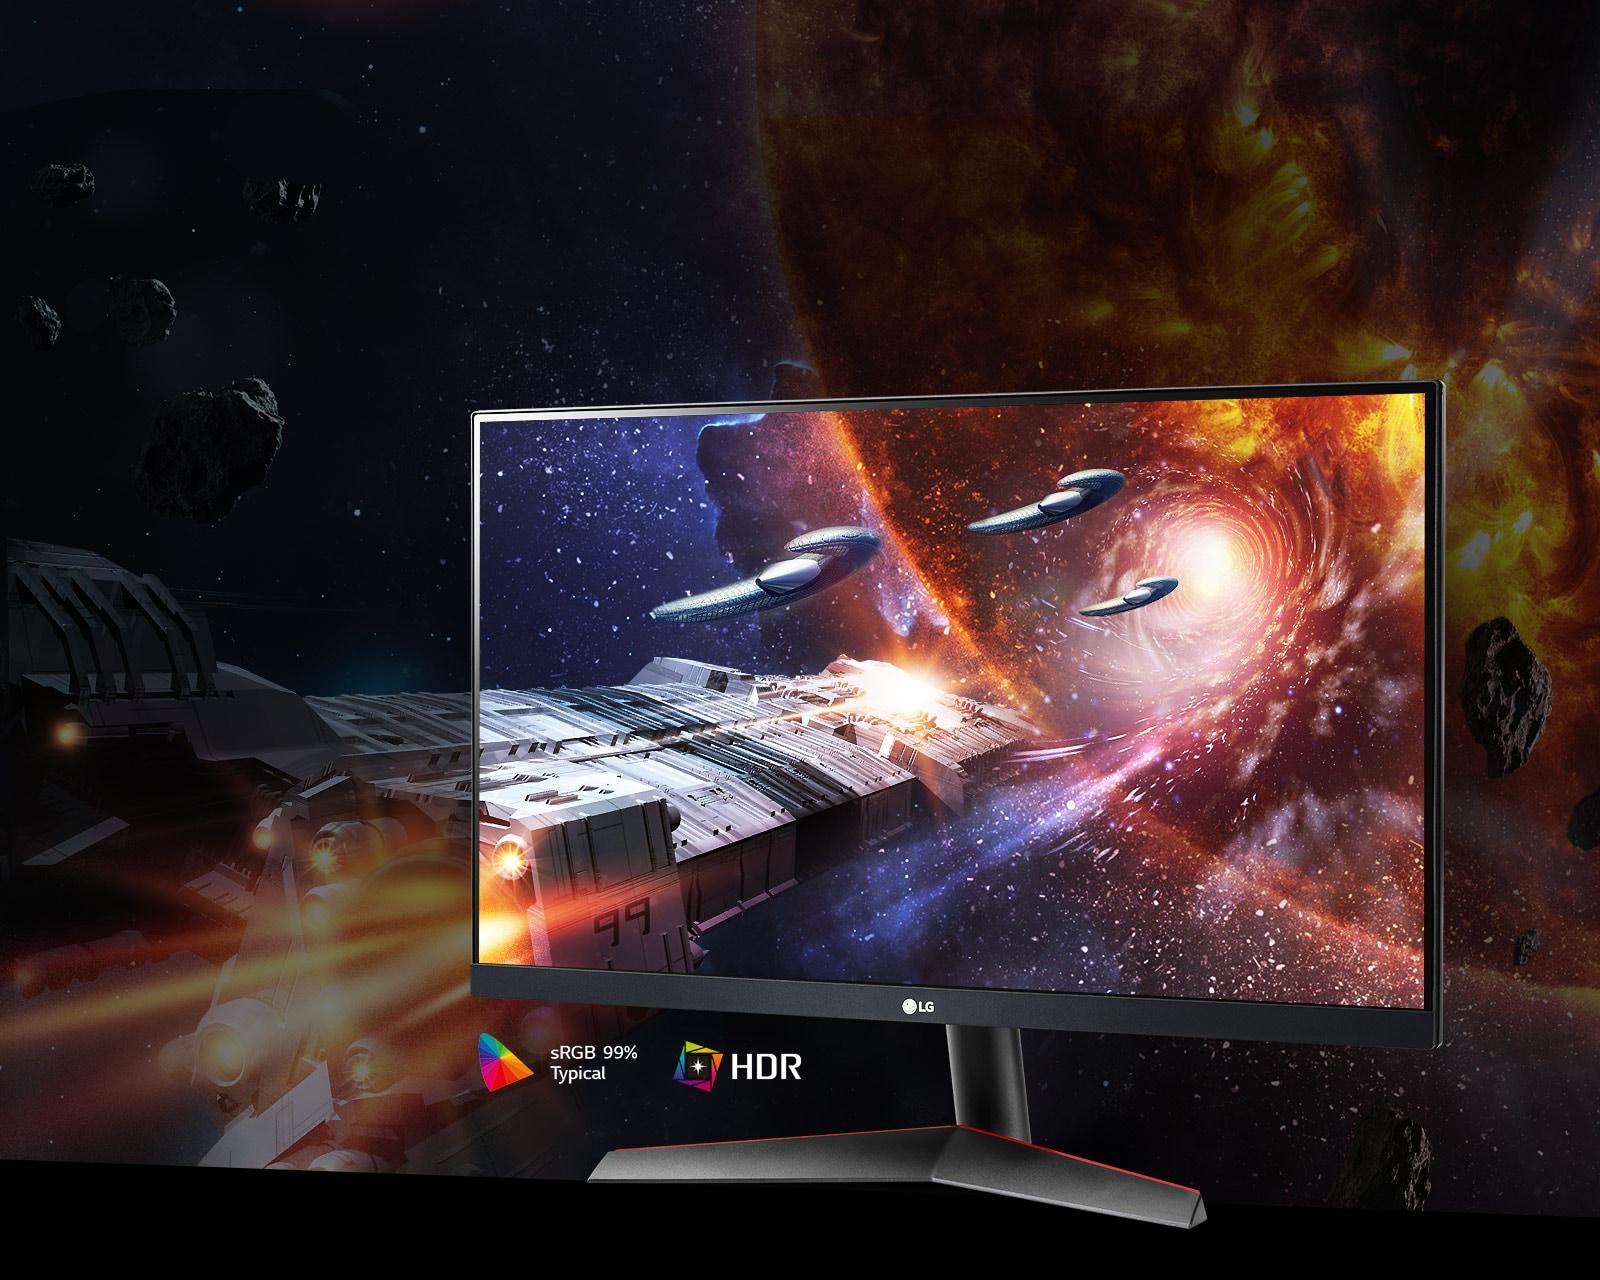 La escena del juego en colores ricos y contraste en un monitor compatible con HDR10 con SRGB 99 % (Typ.)